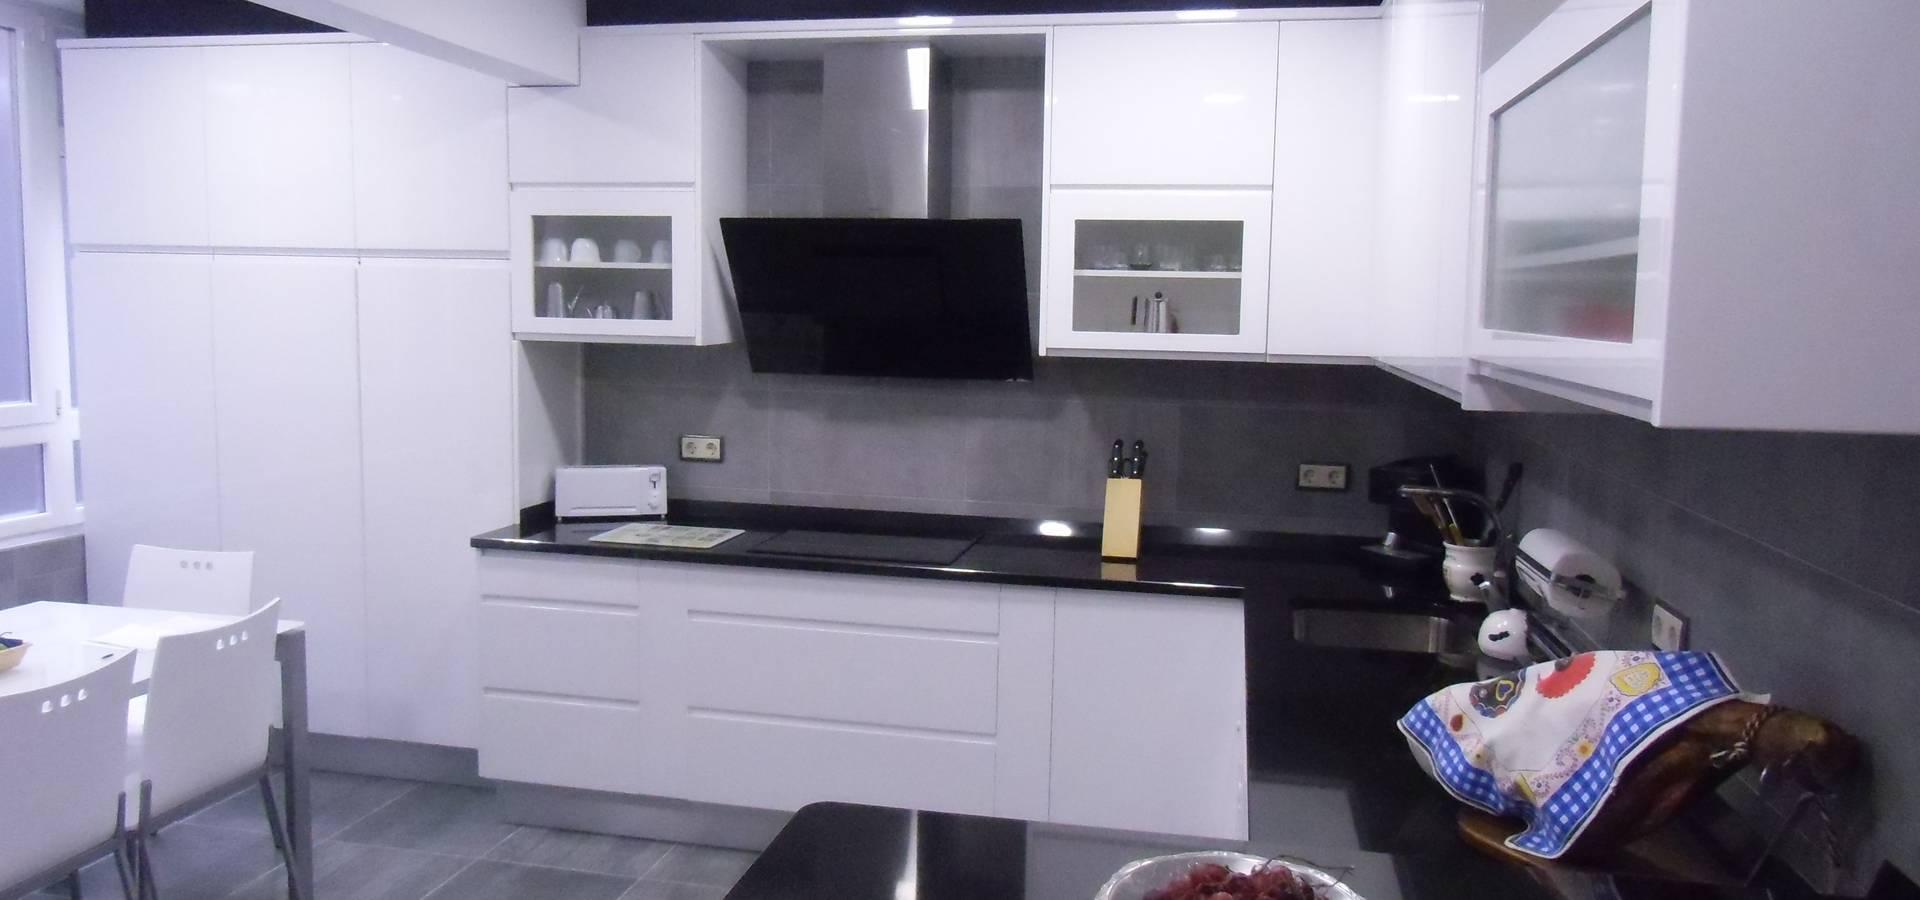 Muebles de cocina de cocinas y ba os myc homify for Banos y cocinas